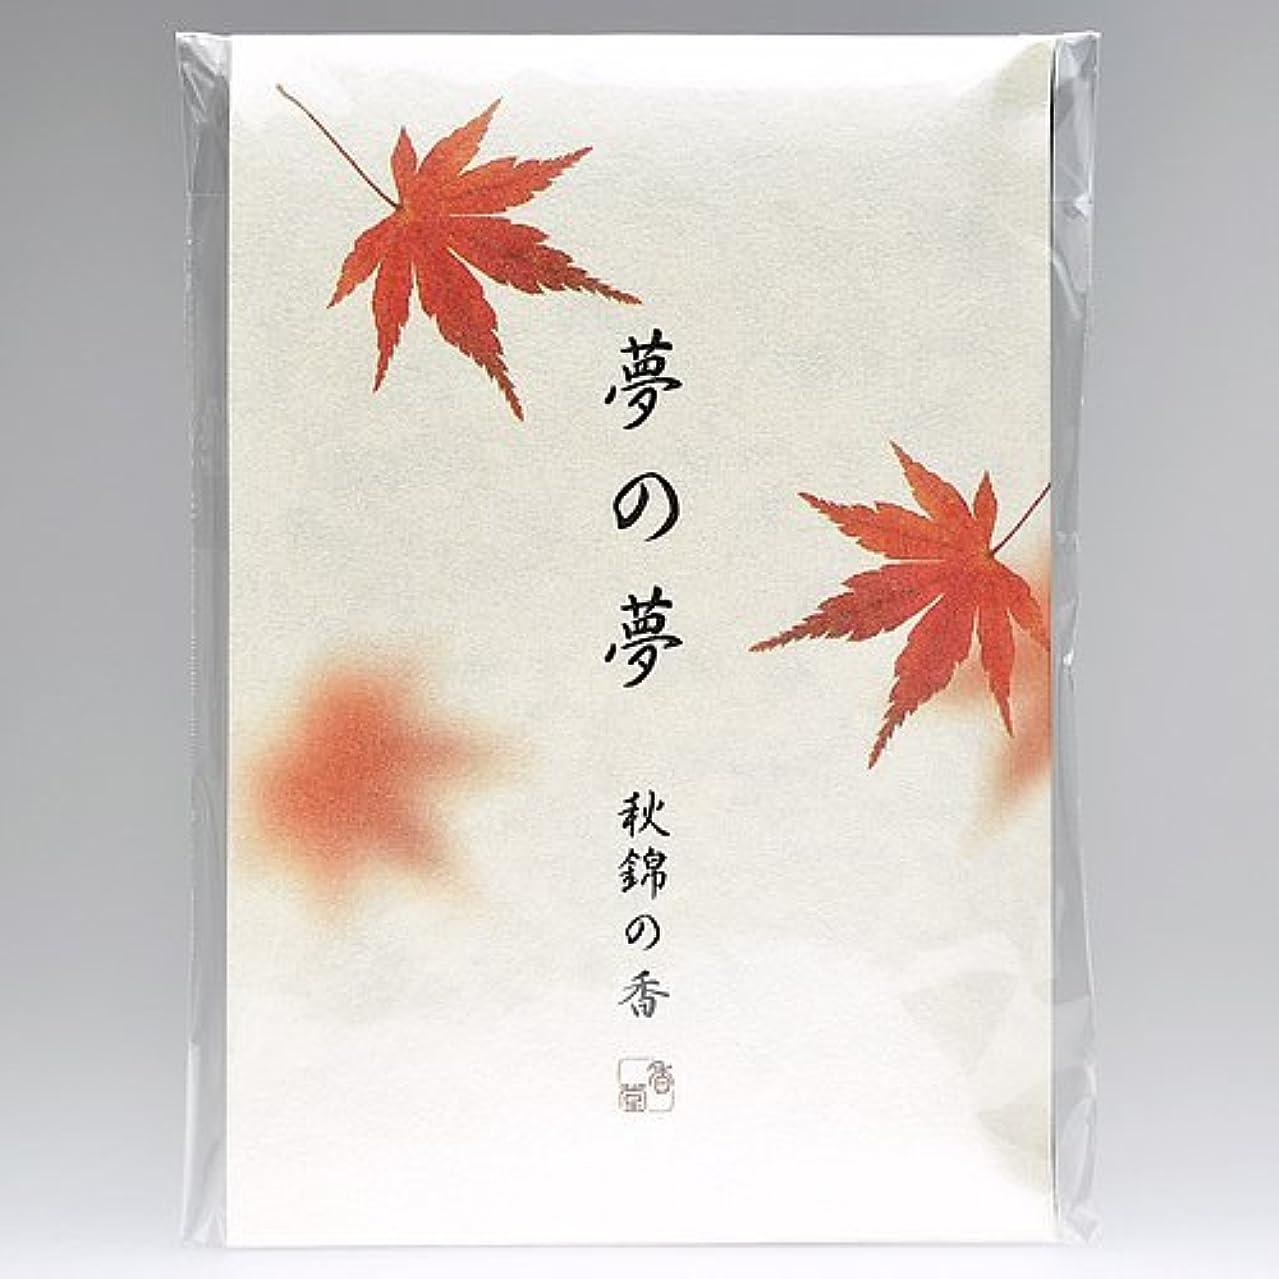 シリングラップトップ大気夢の夢 秋錦の香 (紅葉) スティック12本入